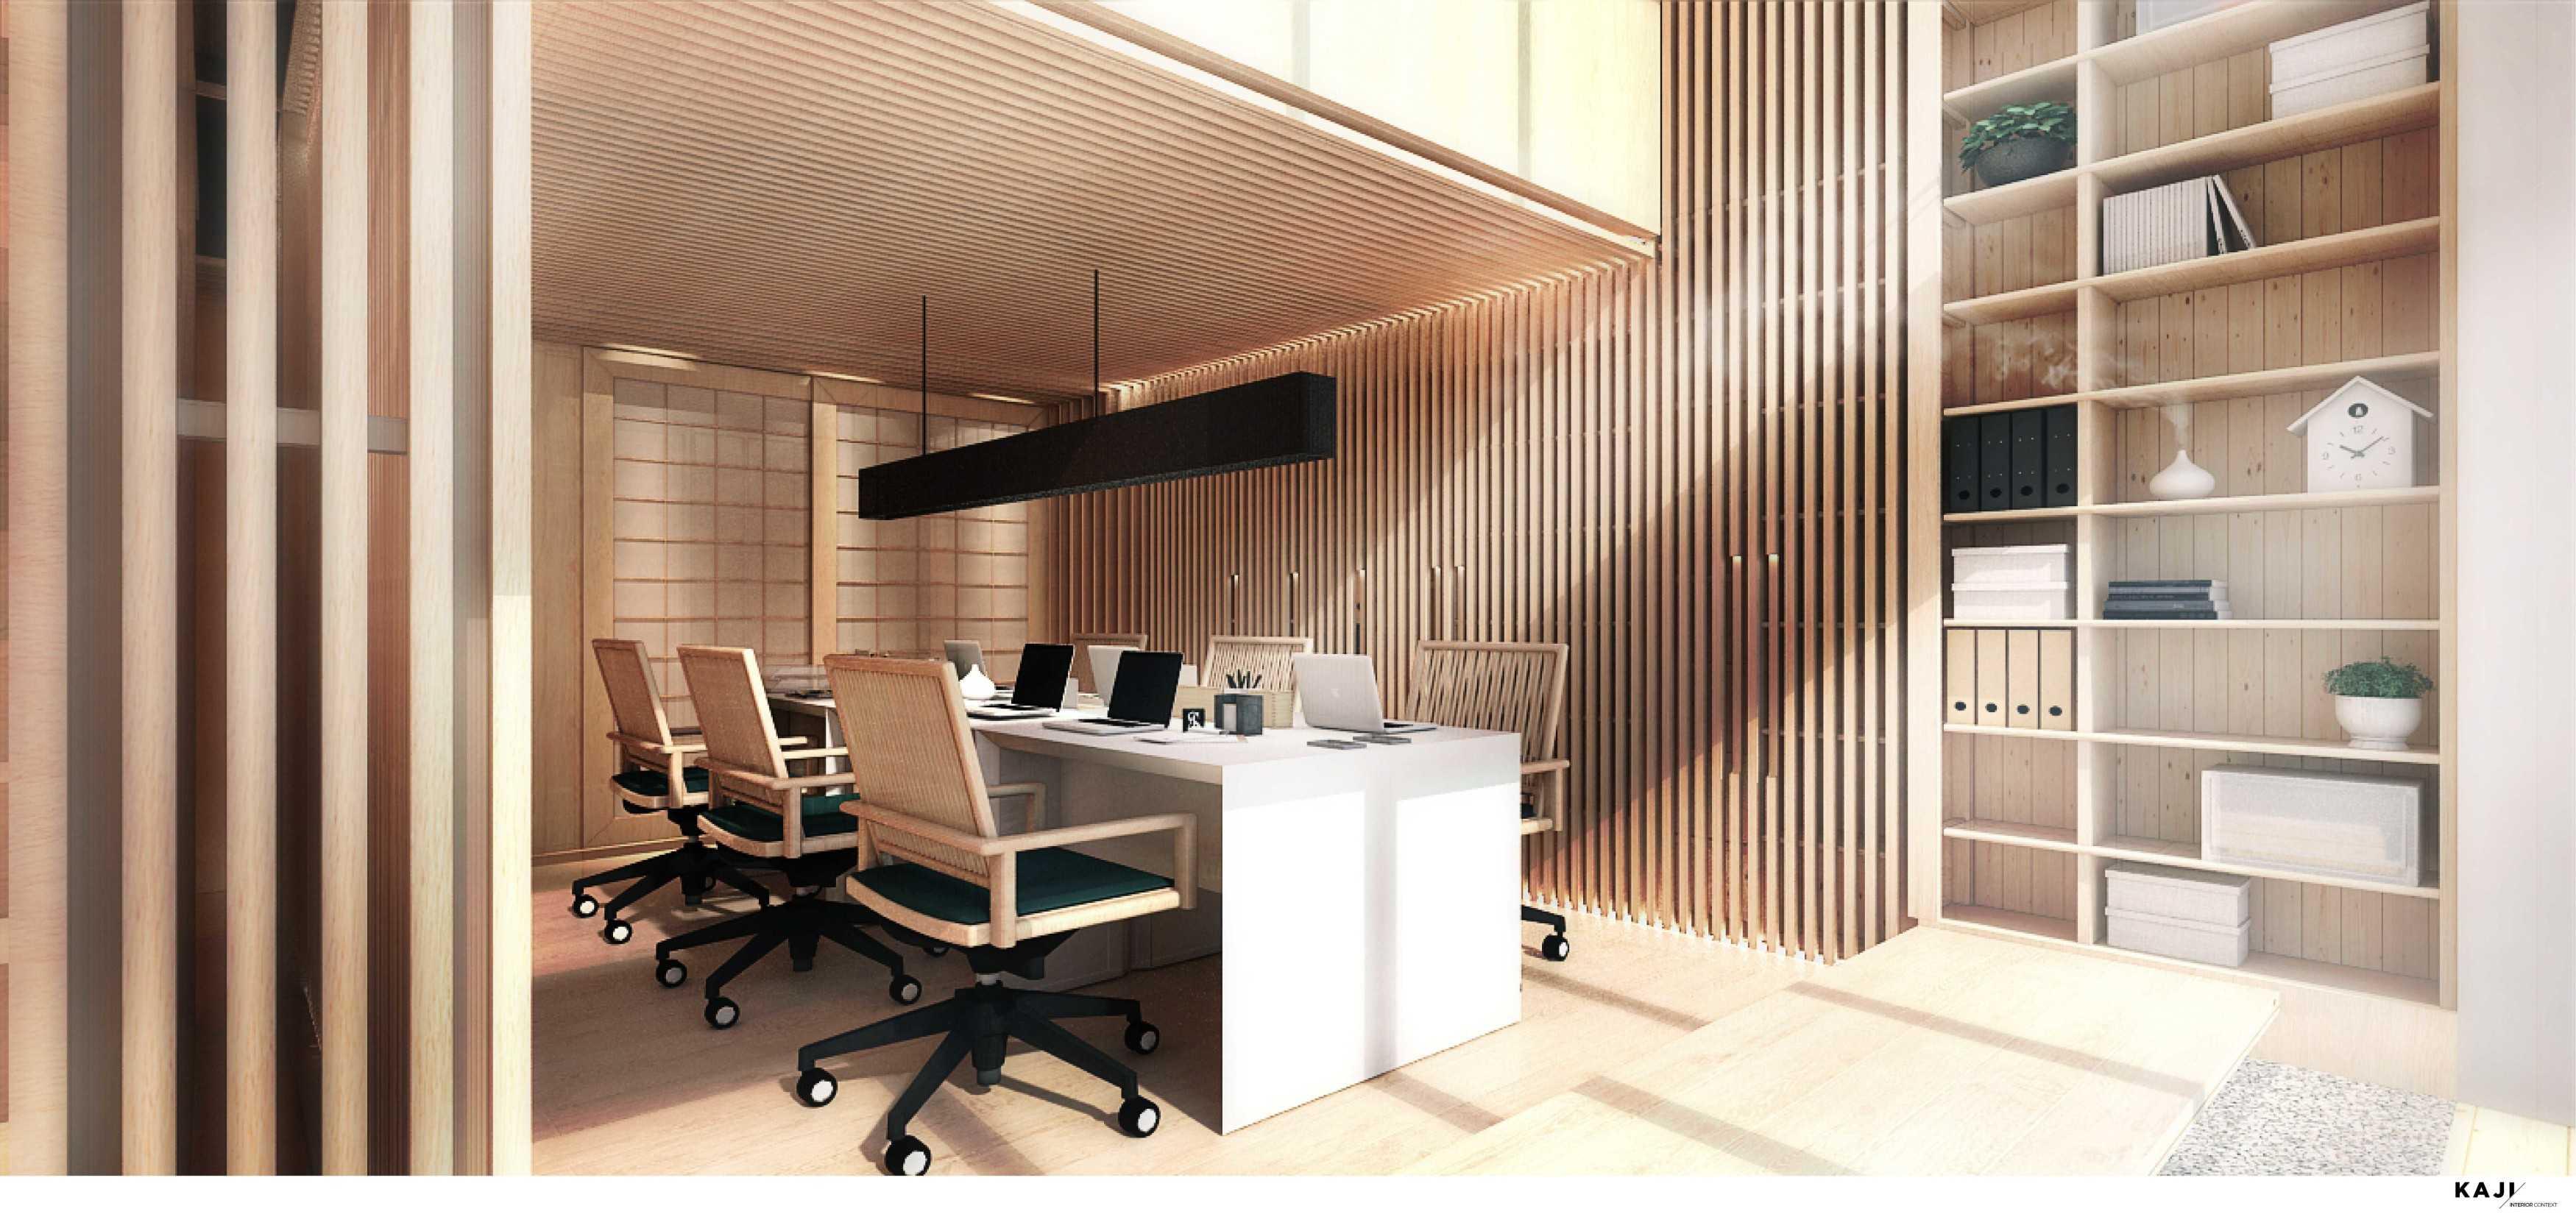 Kaji Office At Neo Soho Pancoran, Kota Jakarta Selatan, Daerah Khusus Ibukota Jakarta, Indonesia Pancoran, Kota Jakarta Selatan, Daerah Khusus Ibukota Jakarta, Indonesia Meeting Area   49681